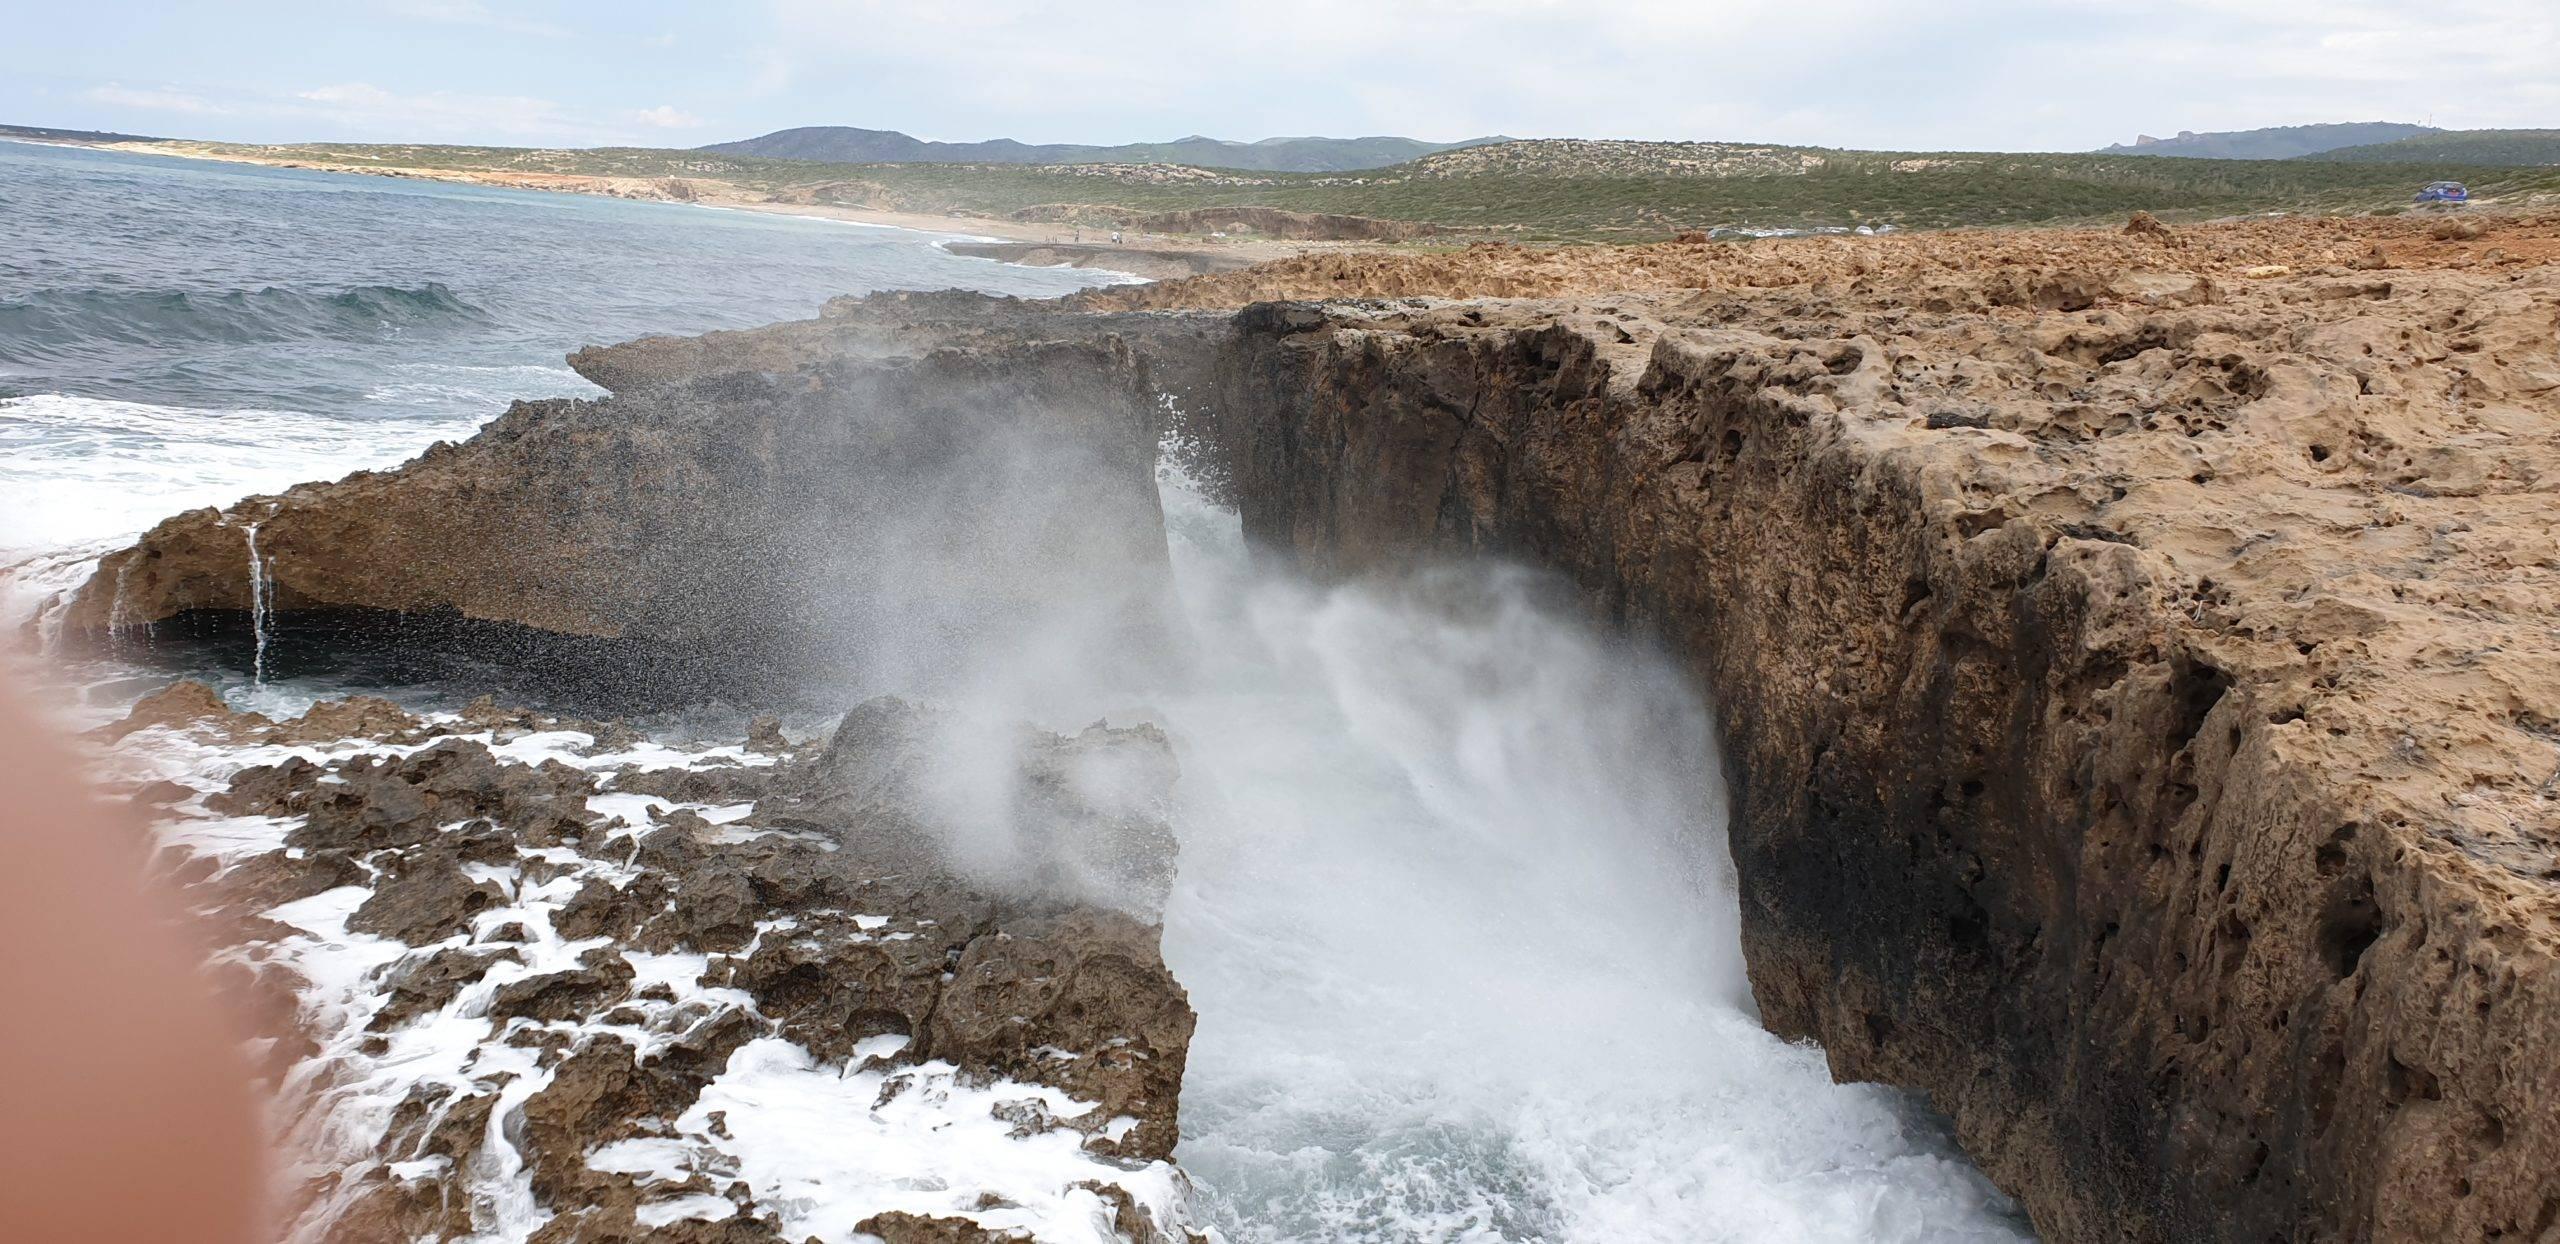 Akamas auf Zypern - Natur und Wanderwege